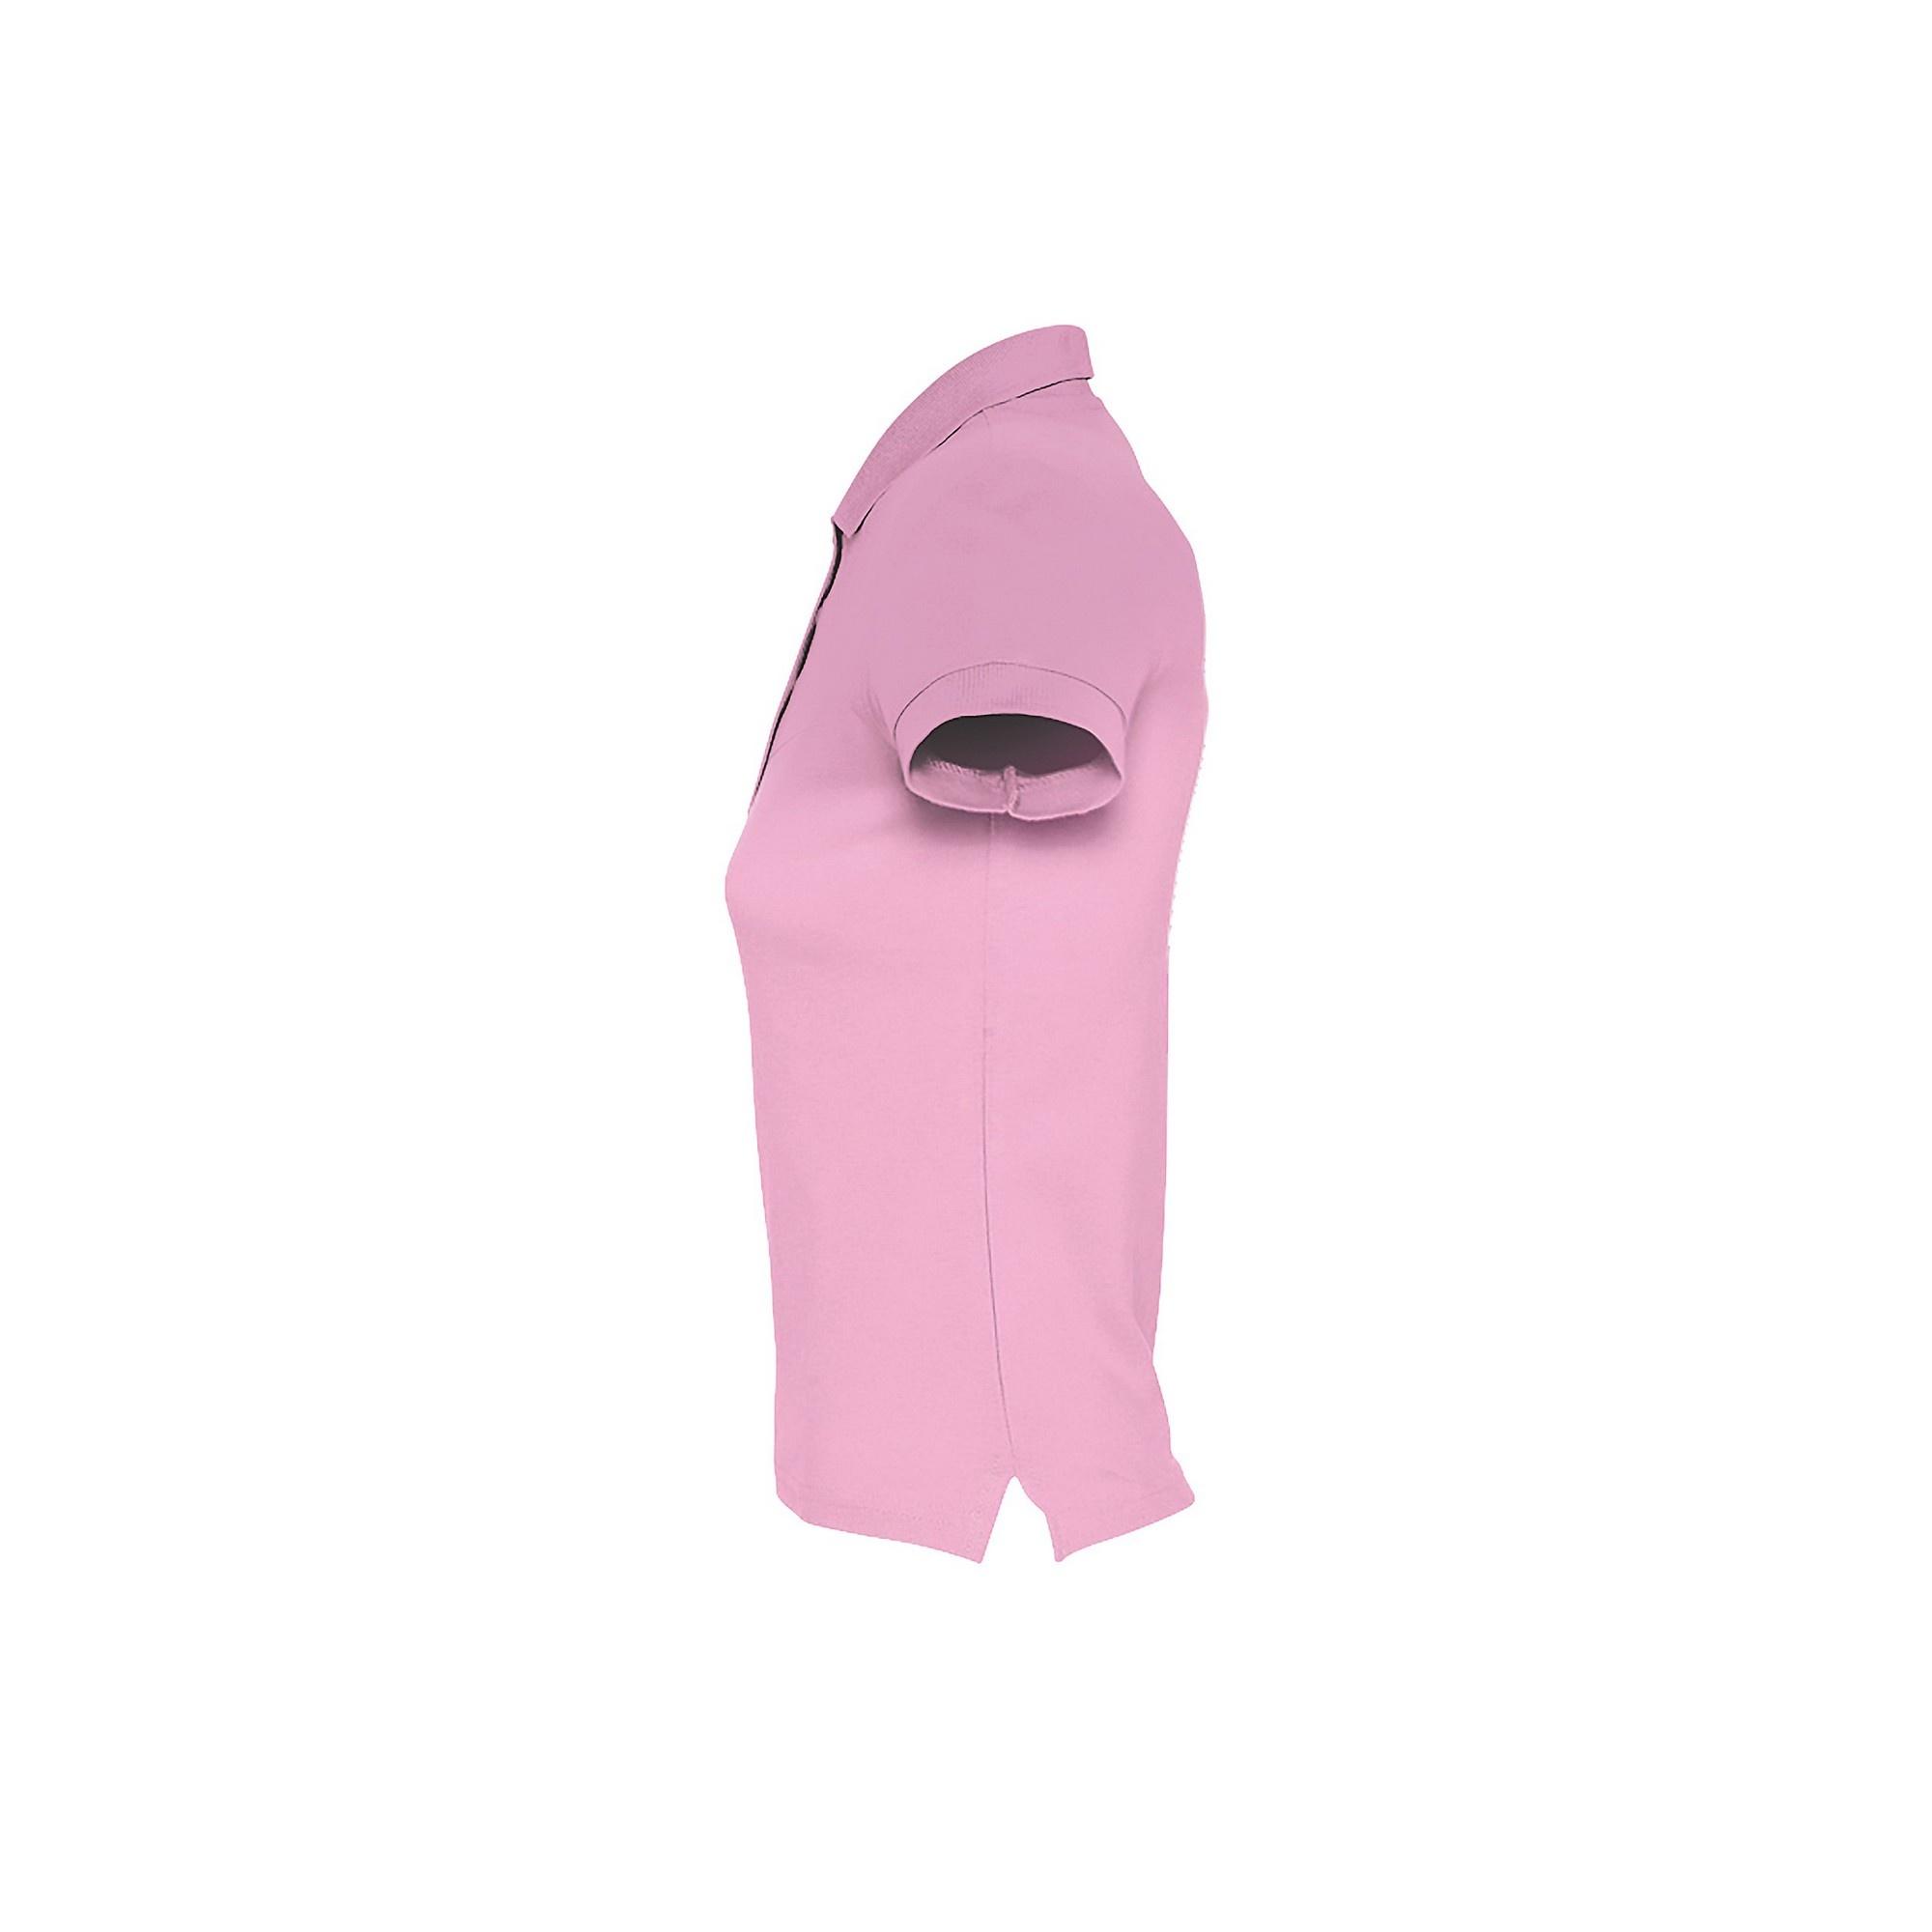 miniature 75 - SOLS Passion - Polo 100% coton à manches courtes - Femme (S-2XL) 16 (PC317)